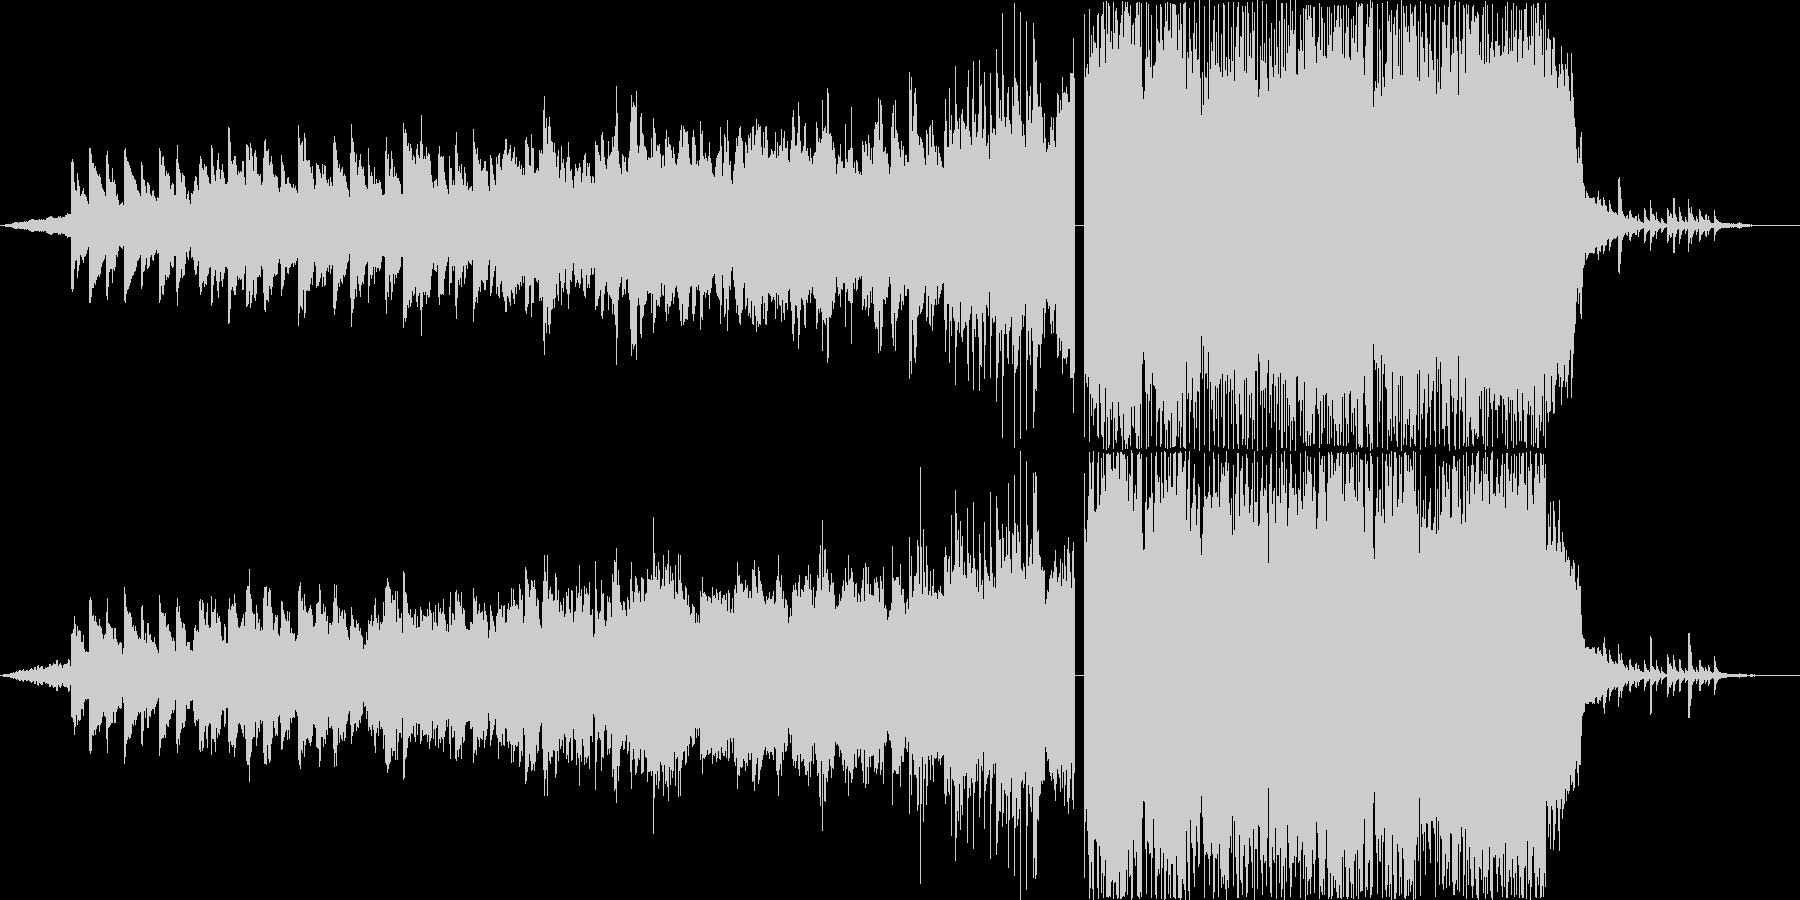 抽象的で明るいオルタナティブロックの未再生の波形